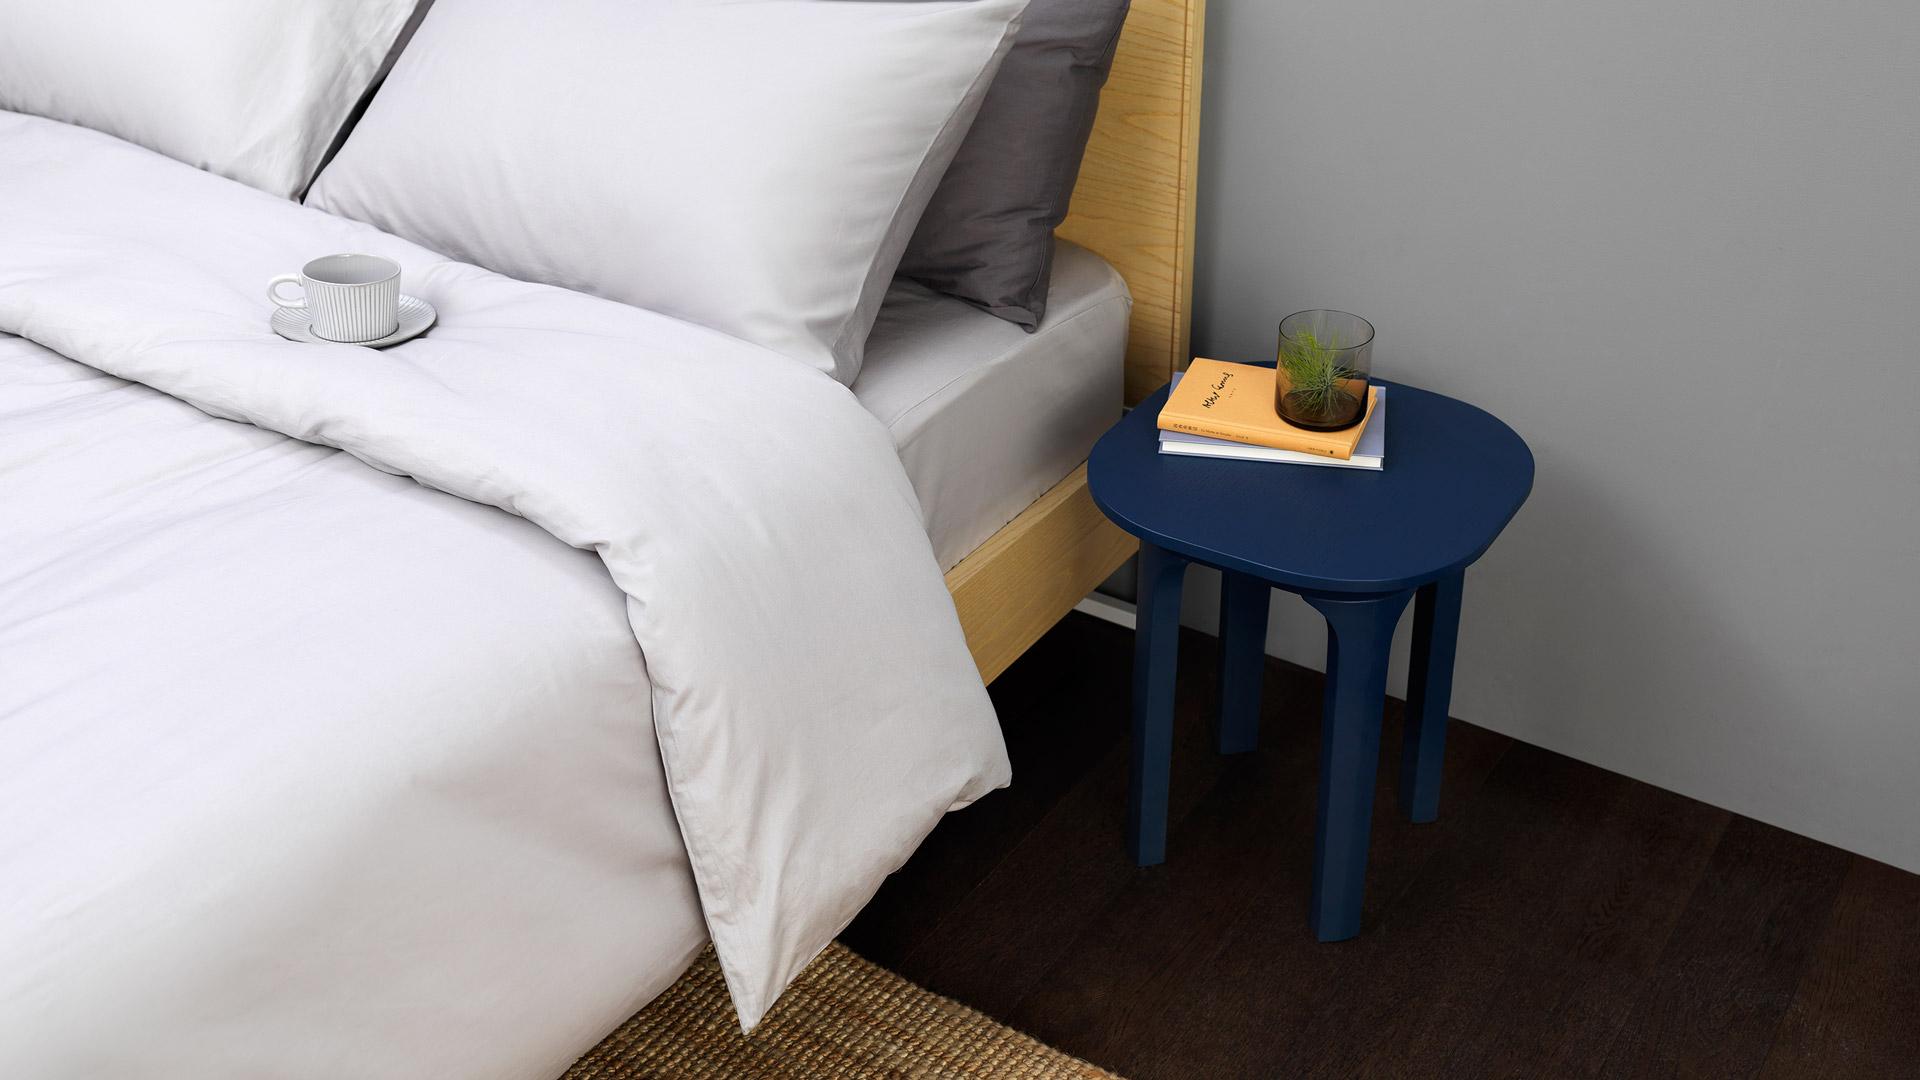 床头柜太过规整笨重?不妨用一个小边桌来代替,体量轻巧又兼具功能性,充分享受精巧布置下的舒适自在。